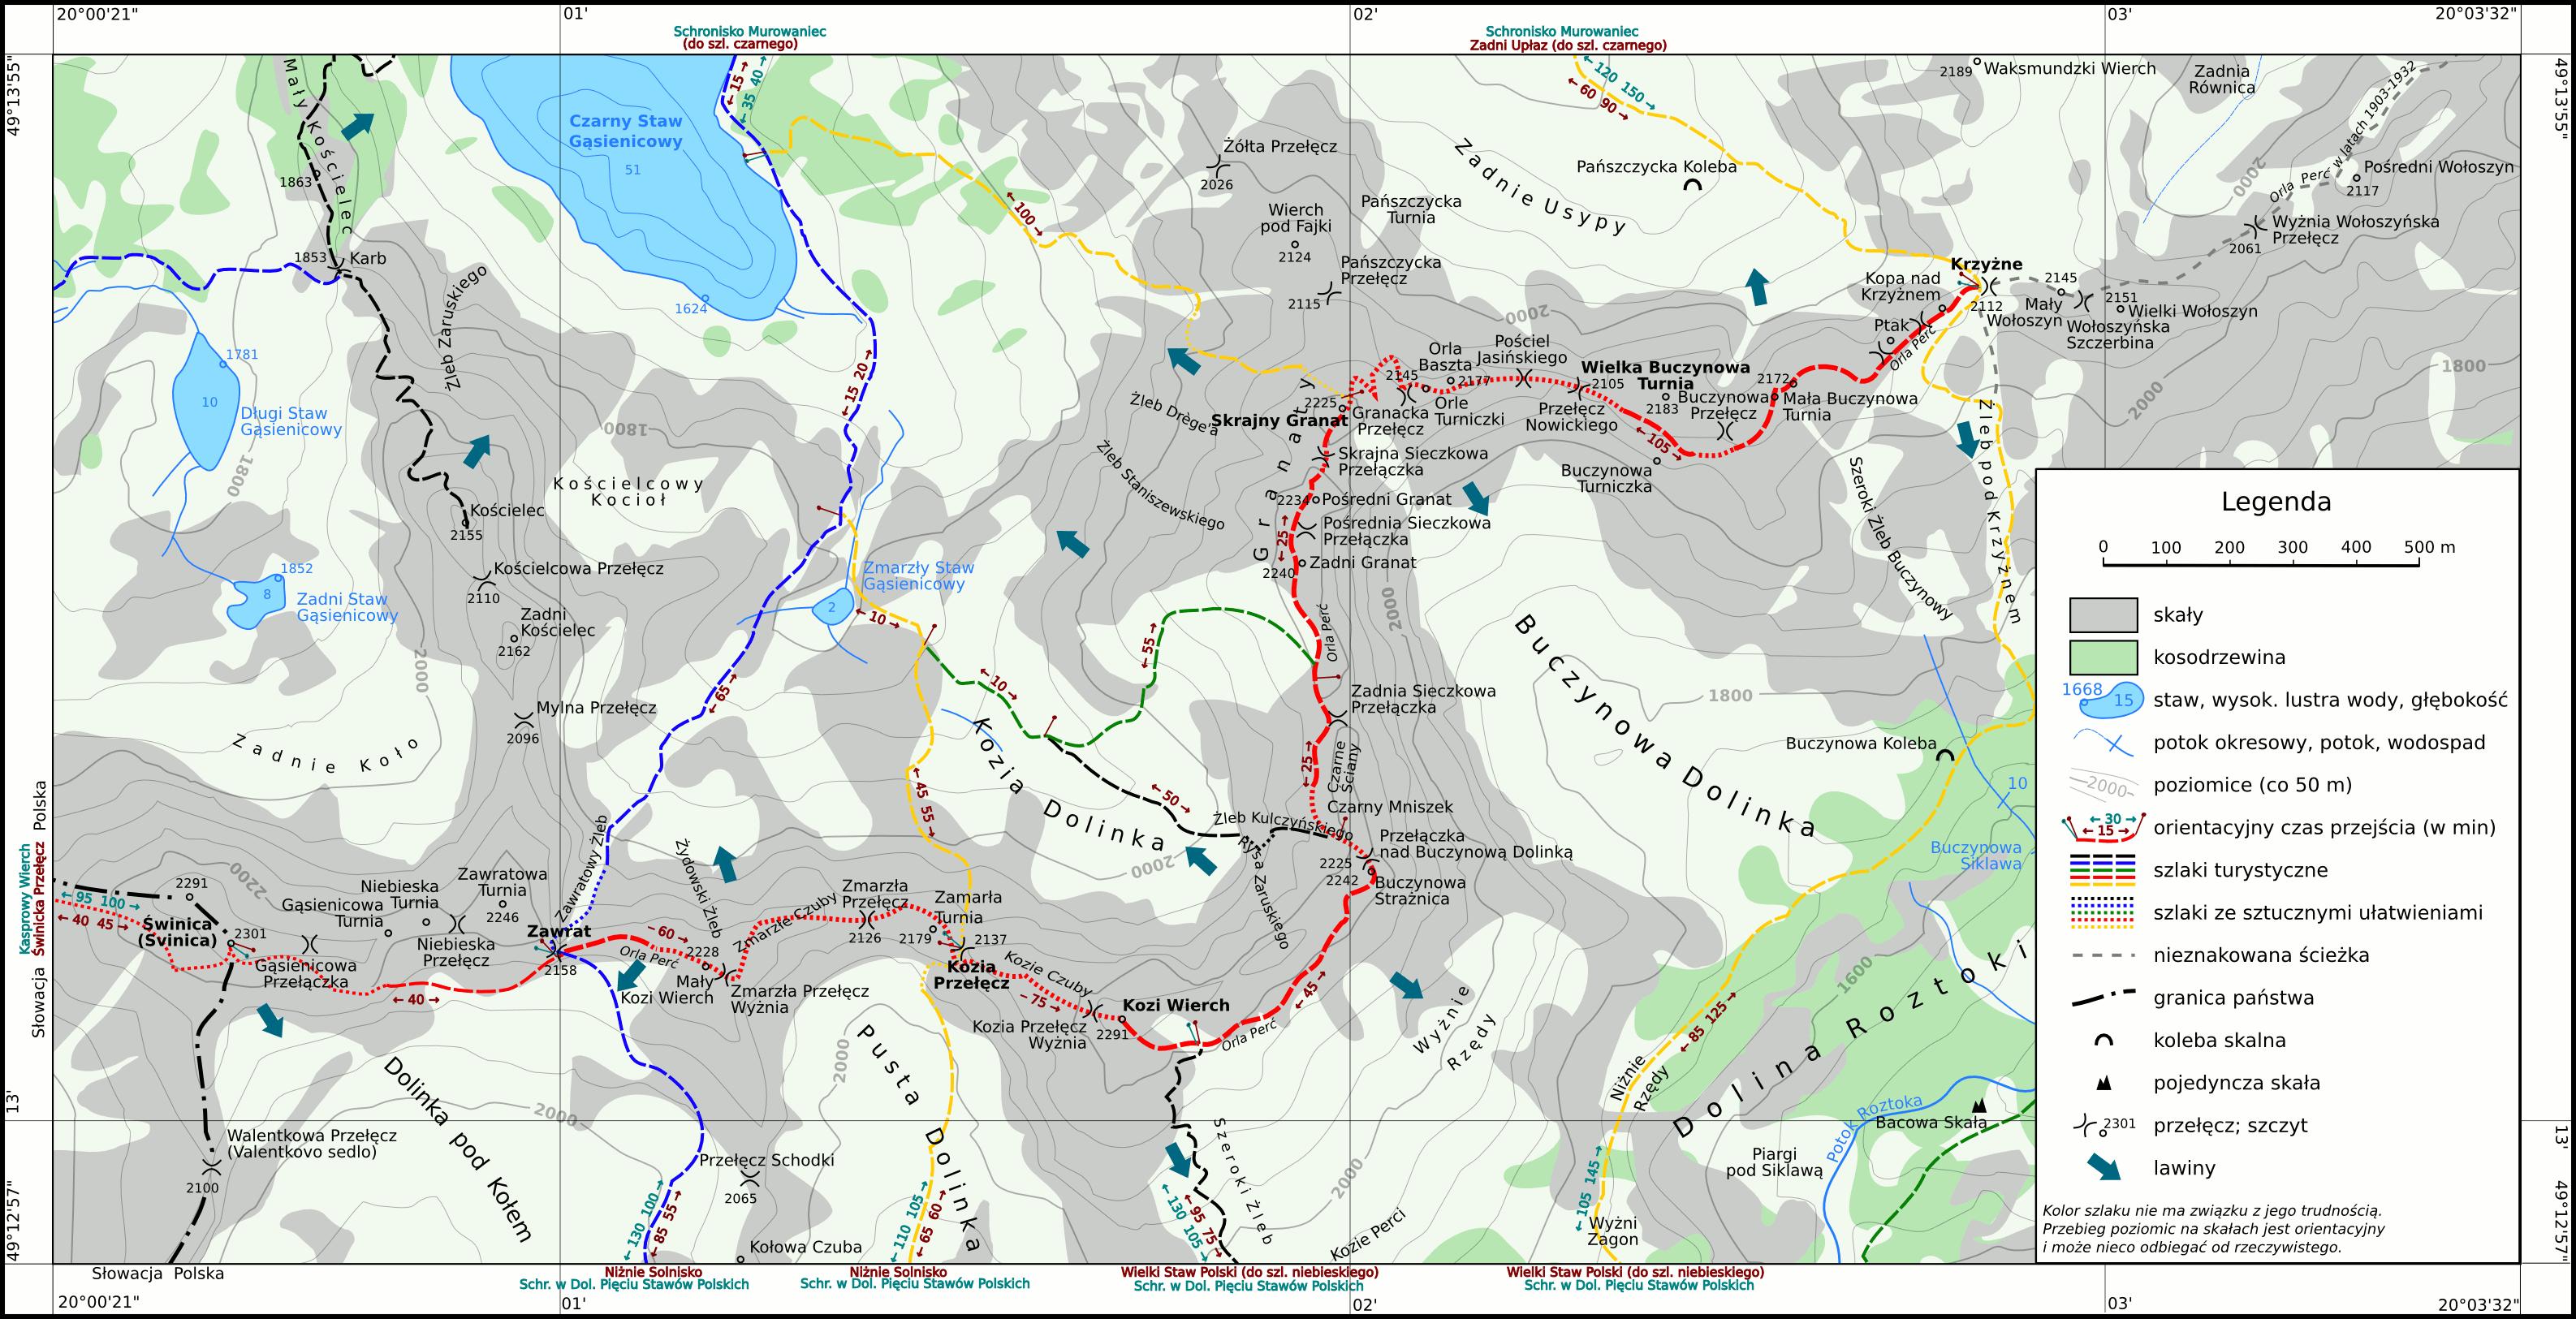 Mapka pochodzi ze strony http://www.klubpodroznikow.com/